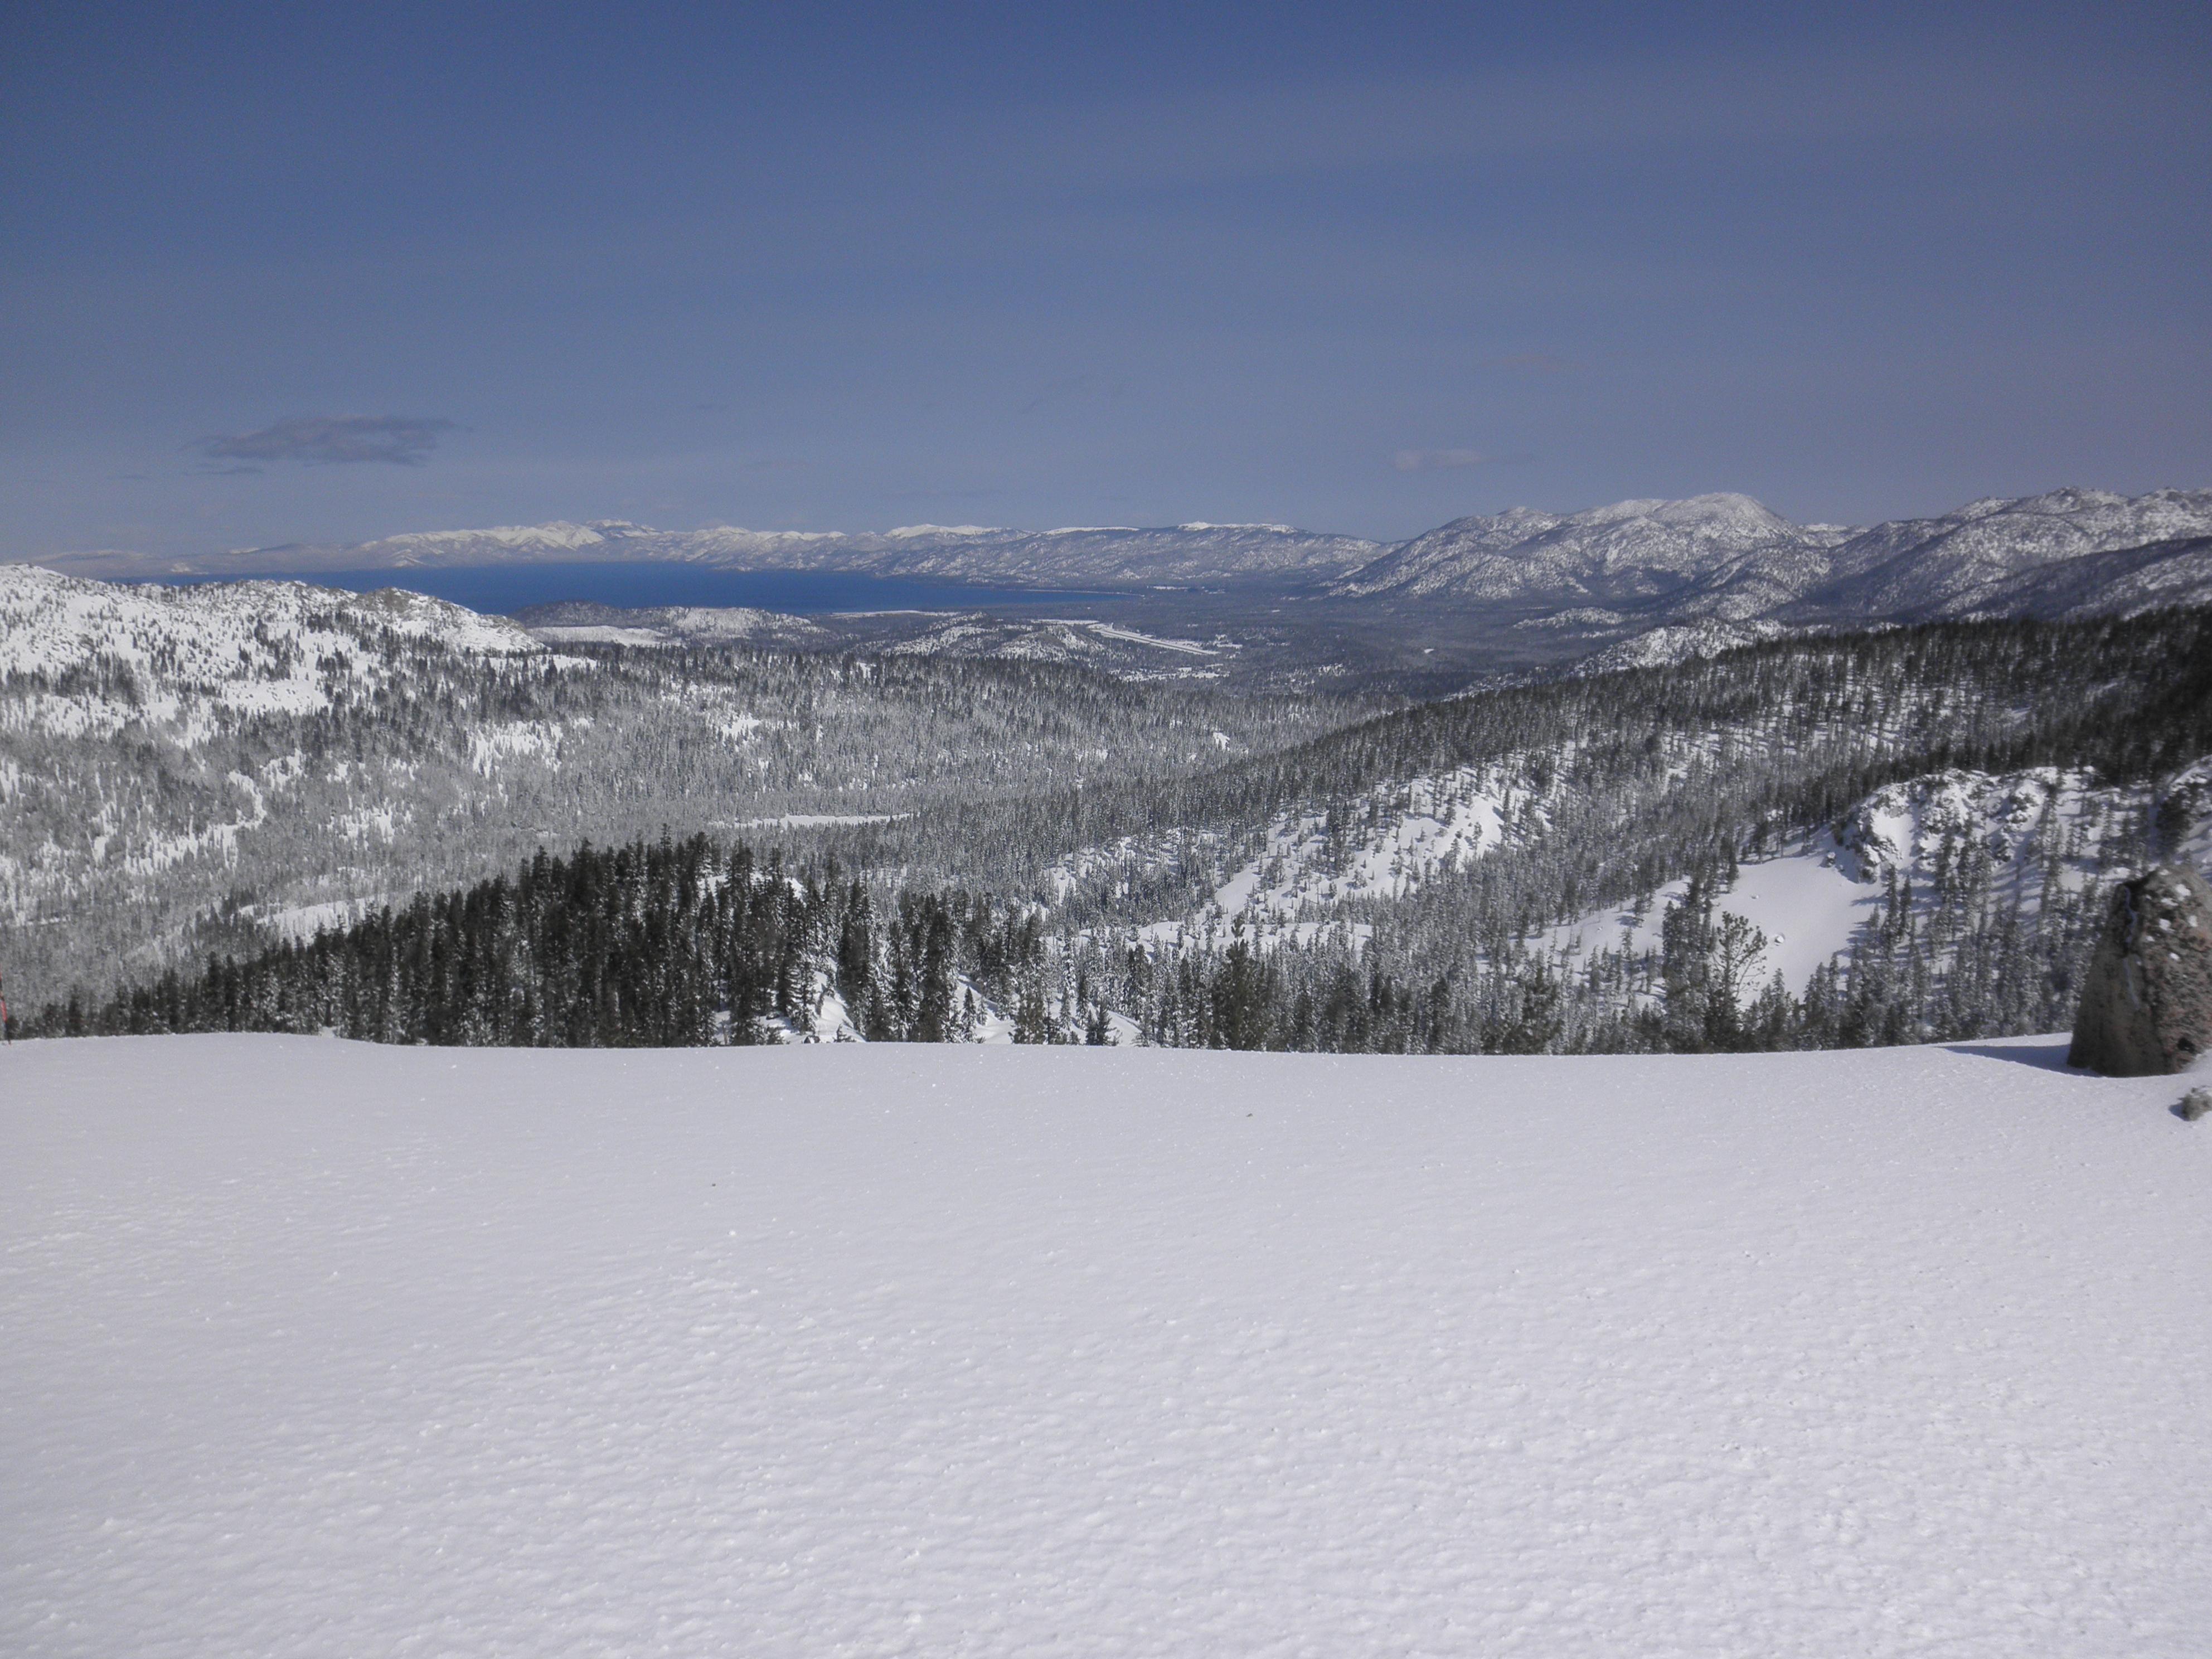 Summit view Lake Tahoe, Sierra at Tahoe